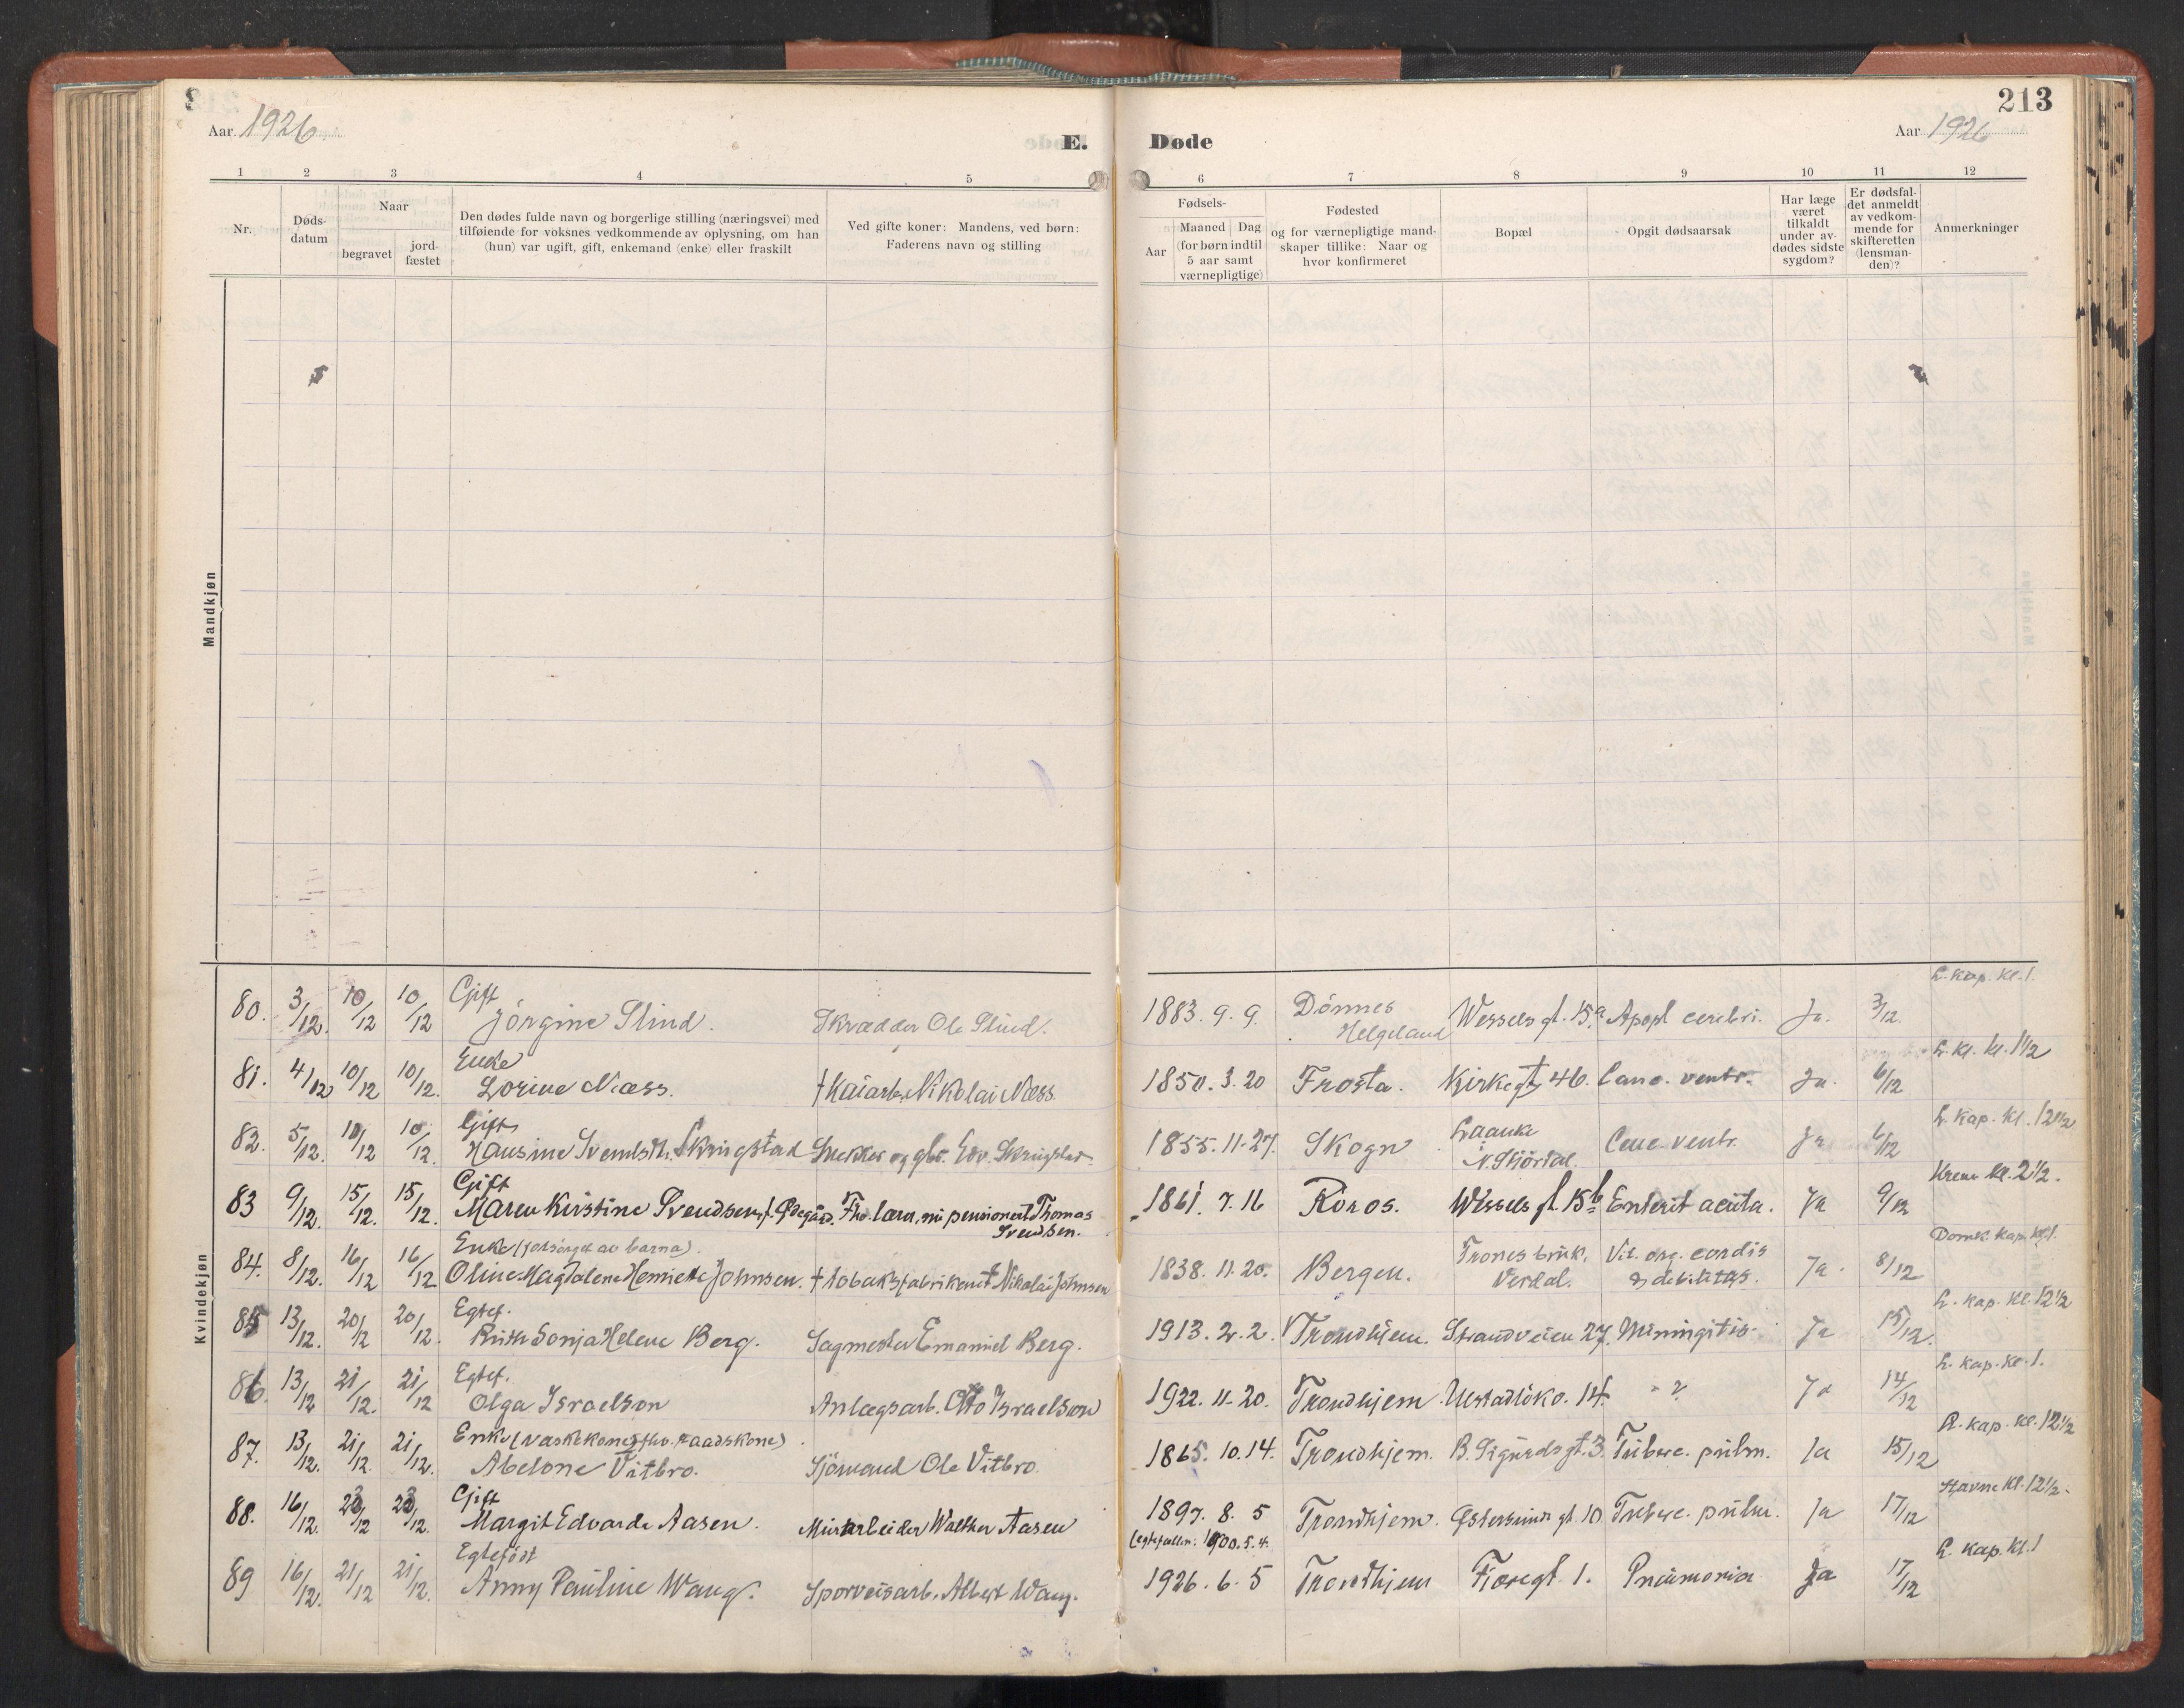 SAT, Ministerialprotokoller, klokkerbøker og fødselsregistre - Sør-Trøndelag, 605/L0245: Ministerialbok nr. 605A07, 1916-1938, s. 213